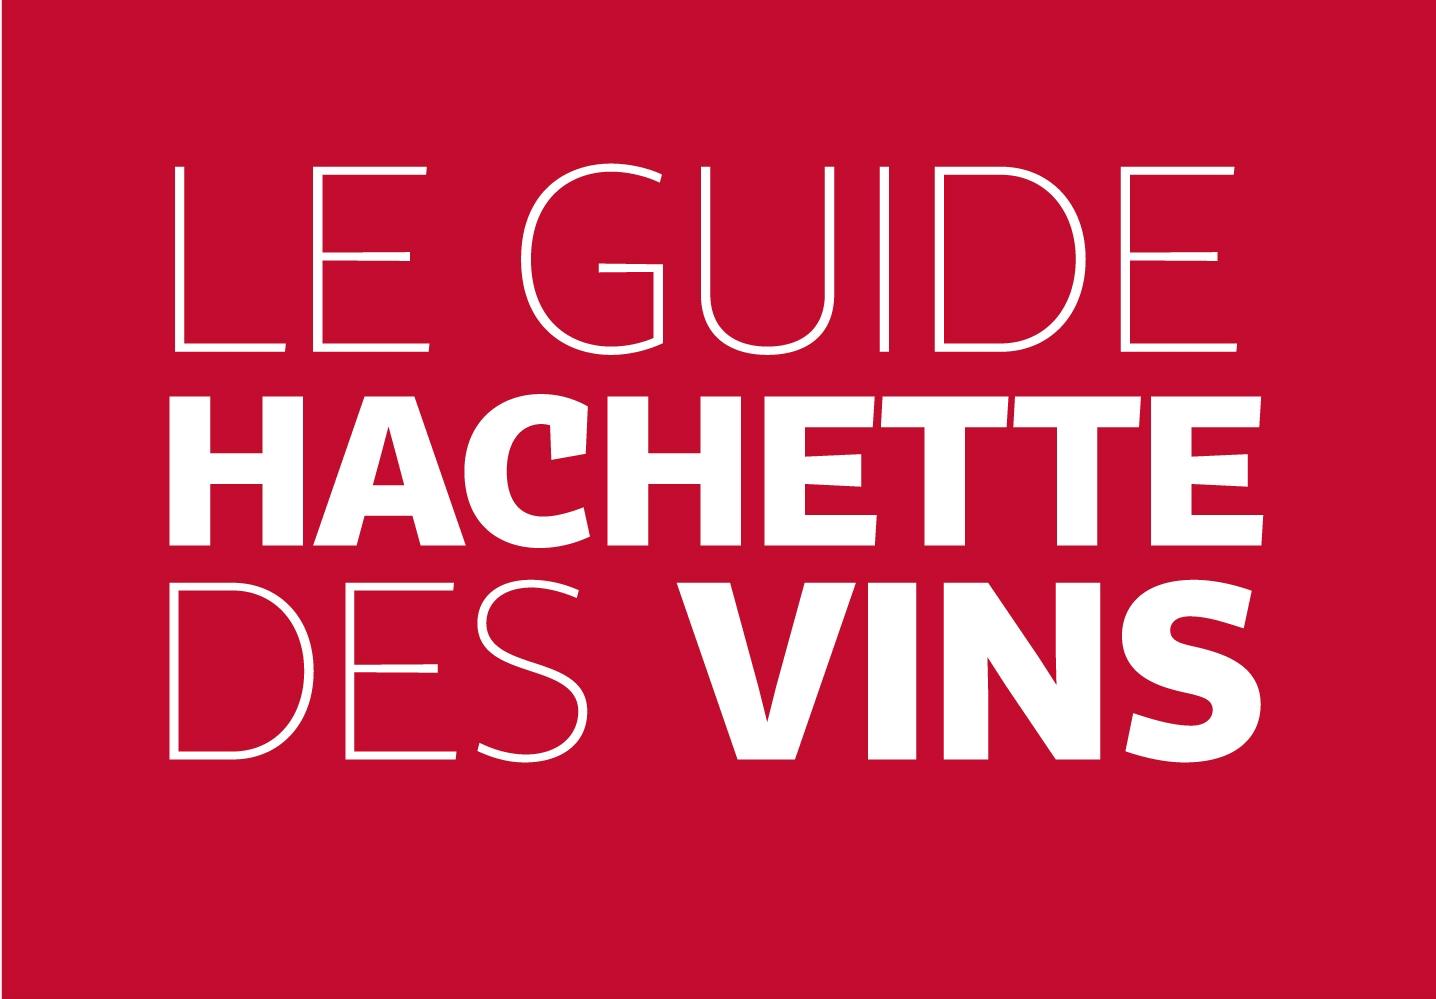 Le guide Hachette des vins 2017 : Vin cité